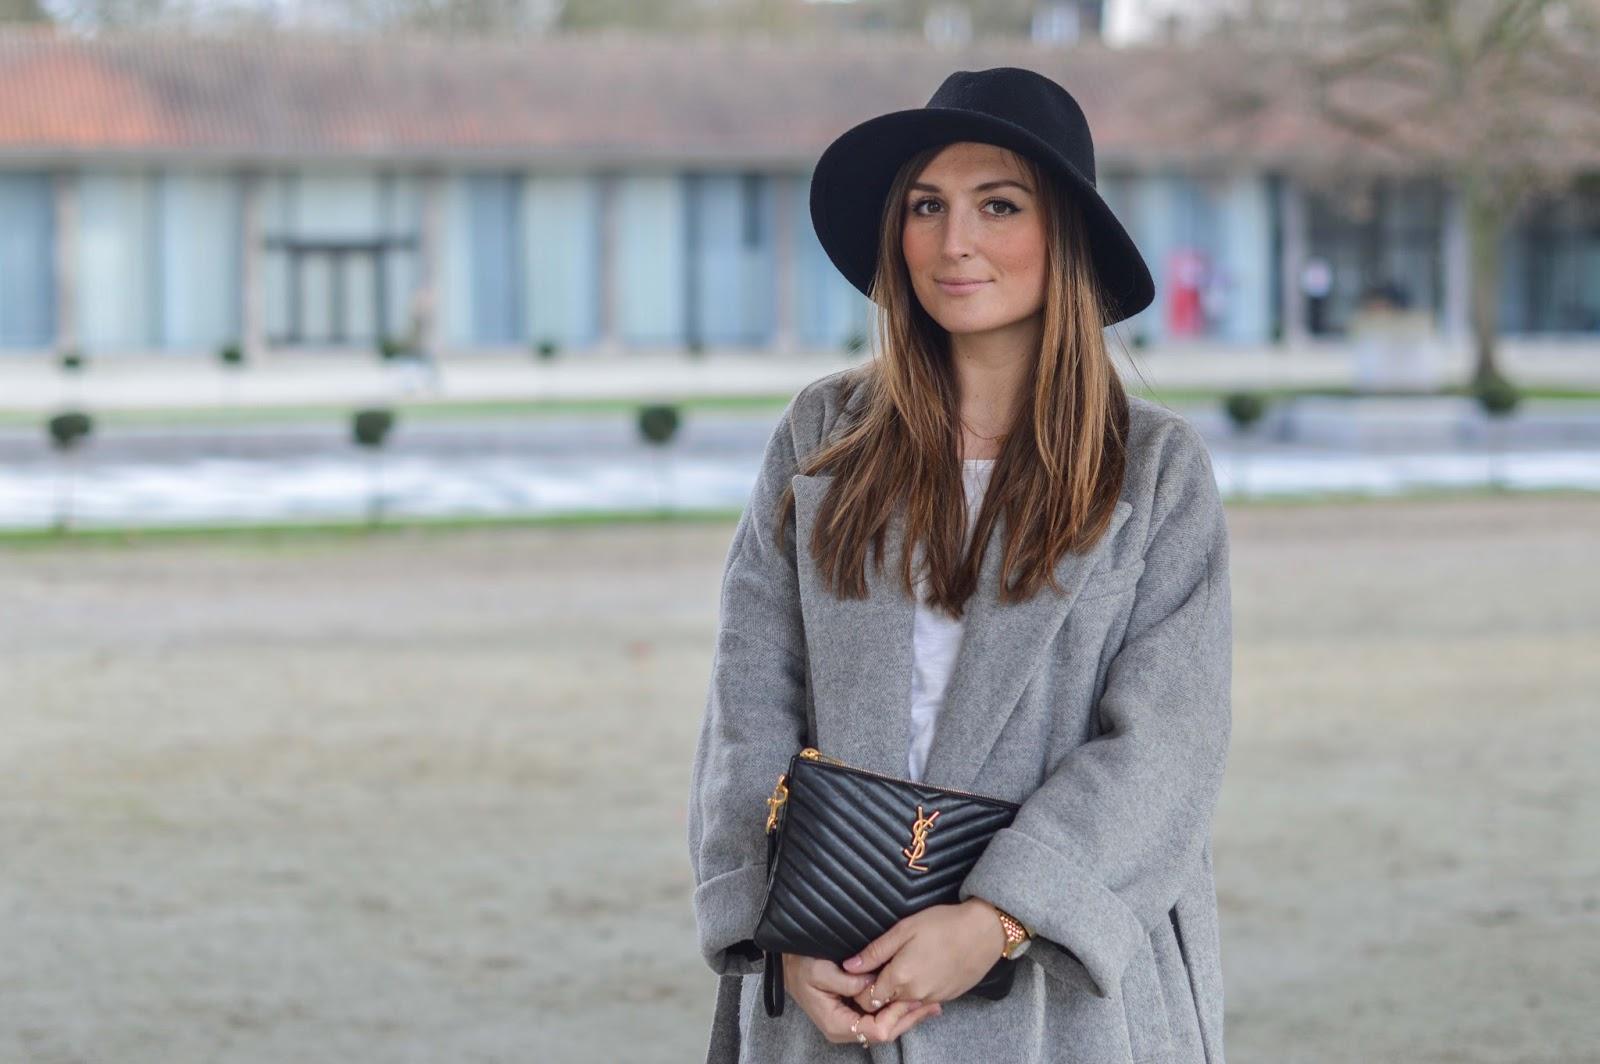 Fashionblogger aus Frankfurt - Frankfurt Fashionblogger - Fashionblog - German Fashionblogger - Casual Look - Streetetyle Look - Streetstylelogger